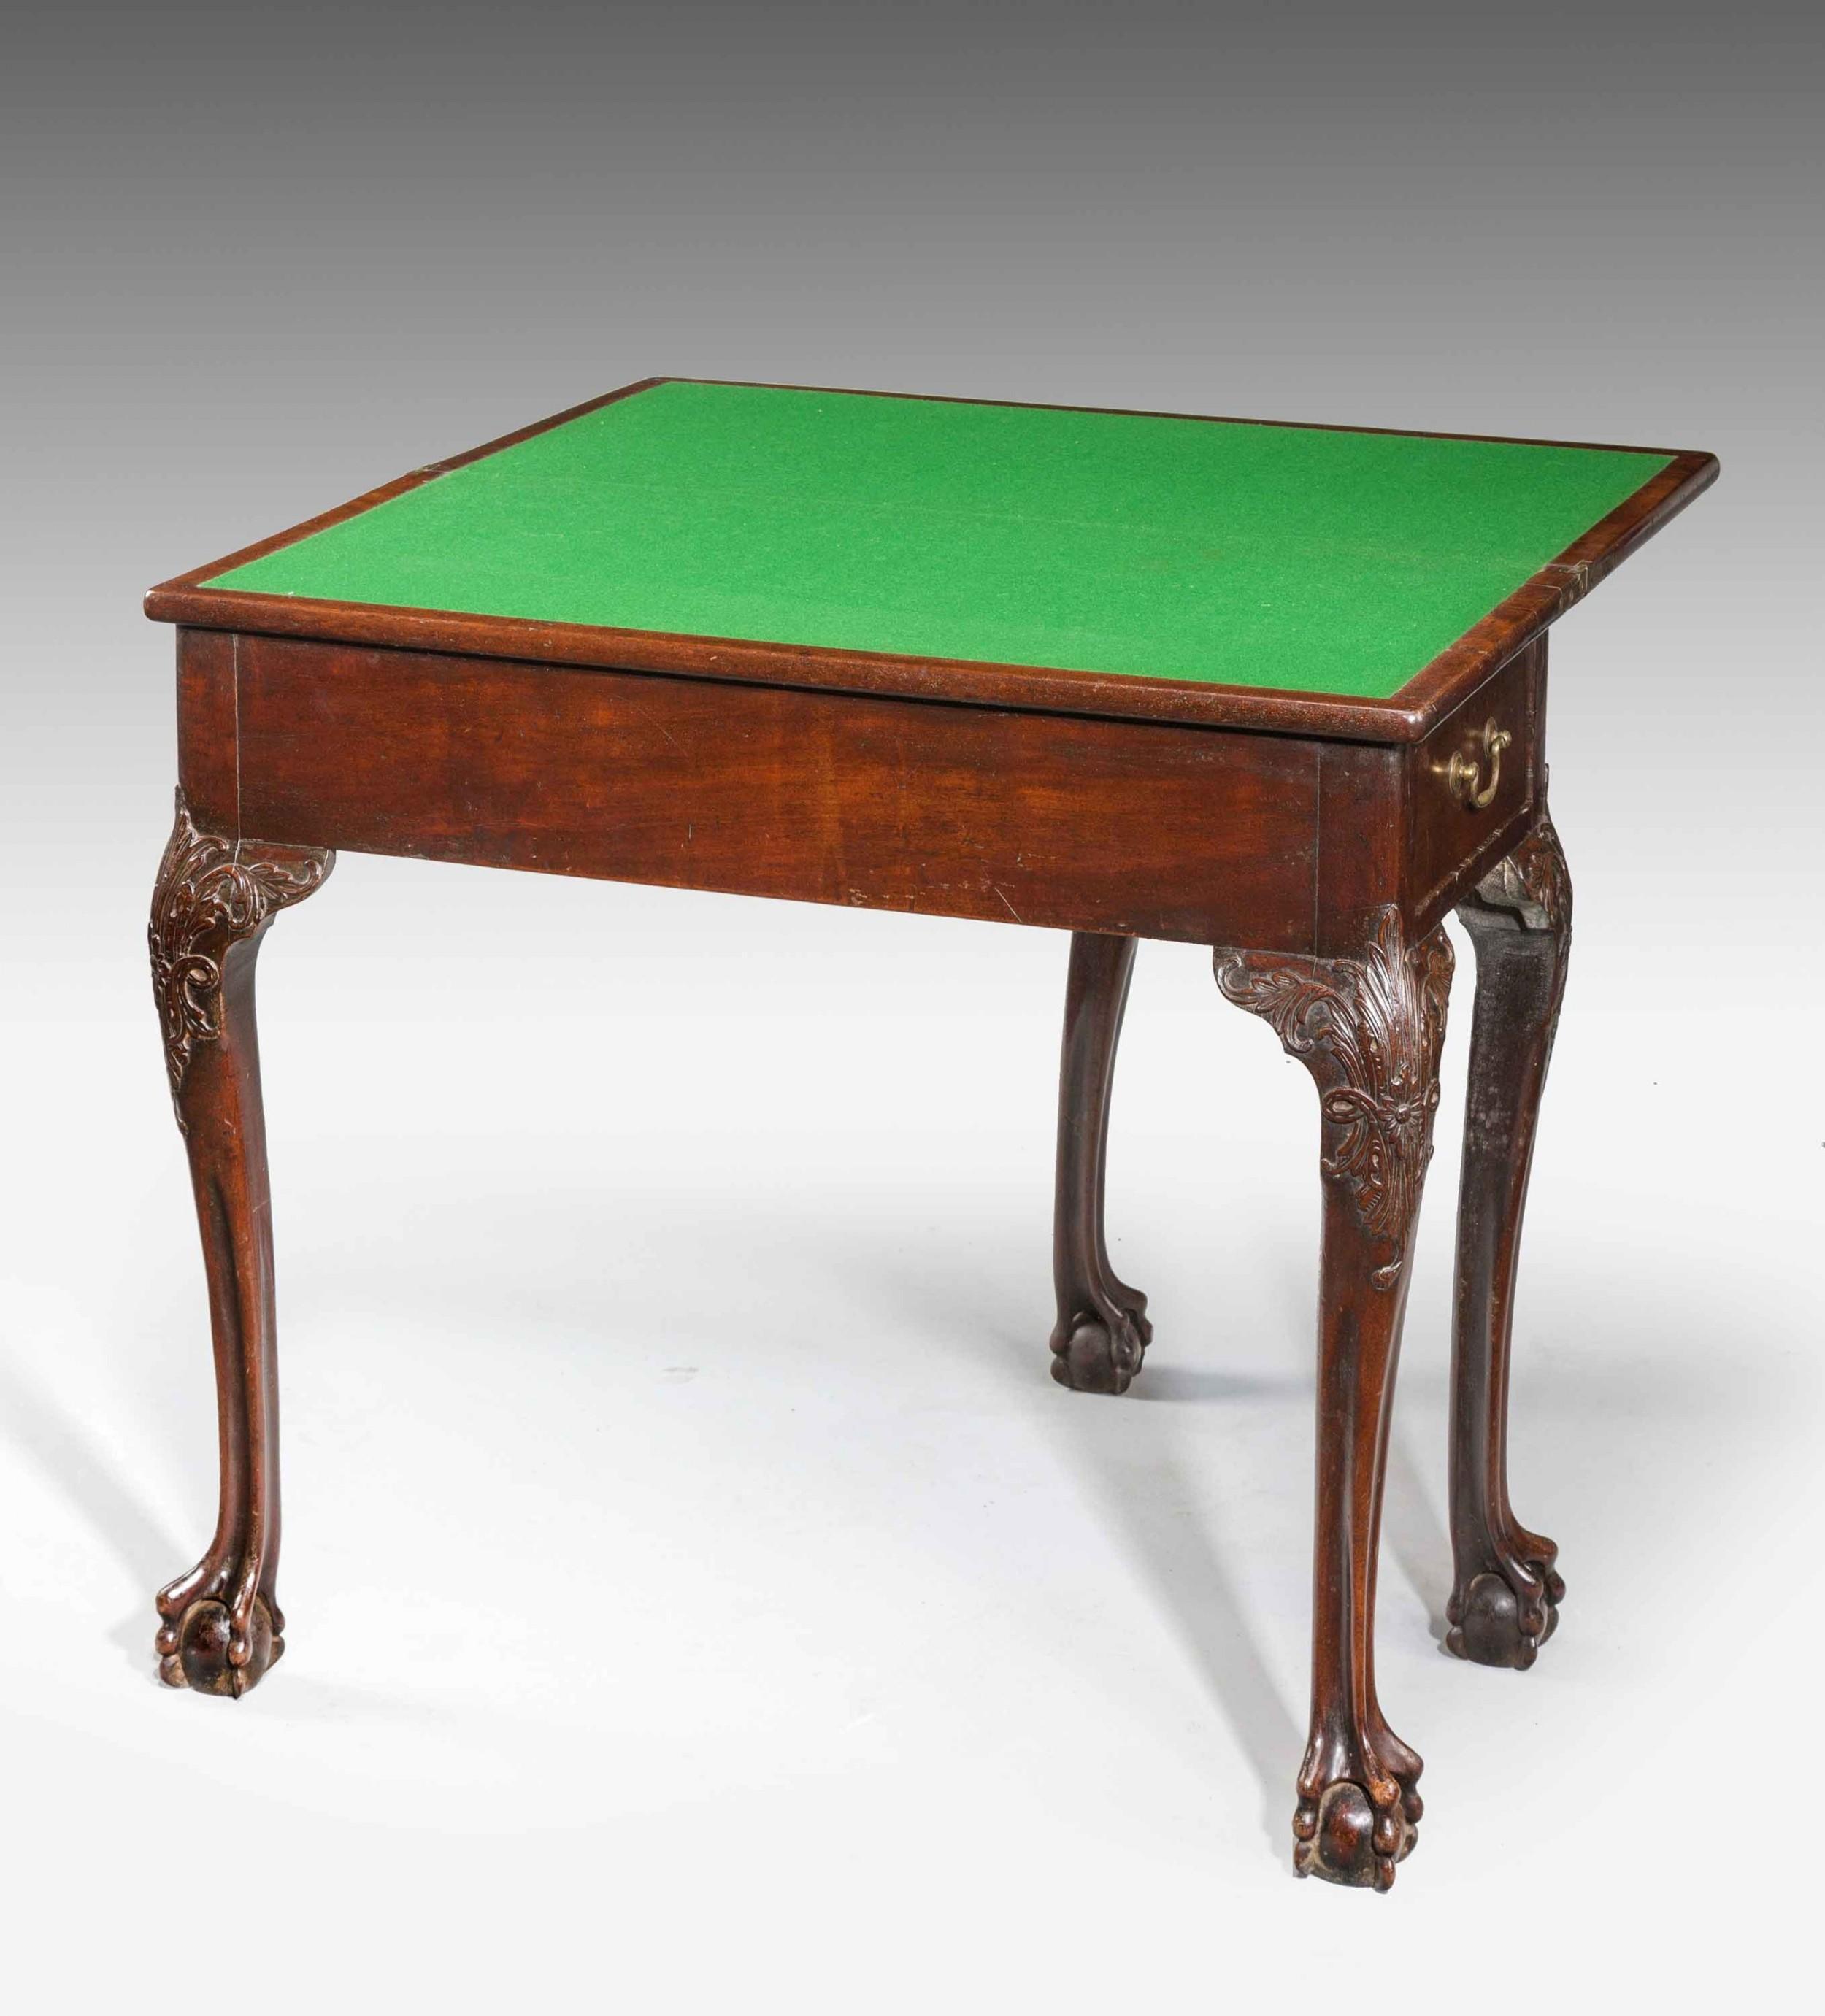 mid 18th century mahogany card table